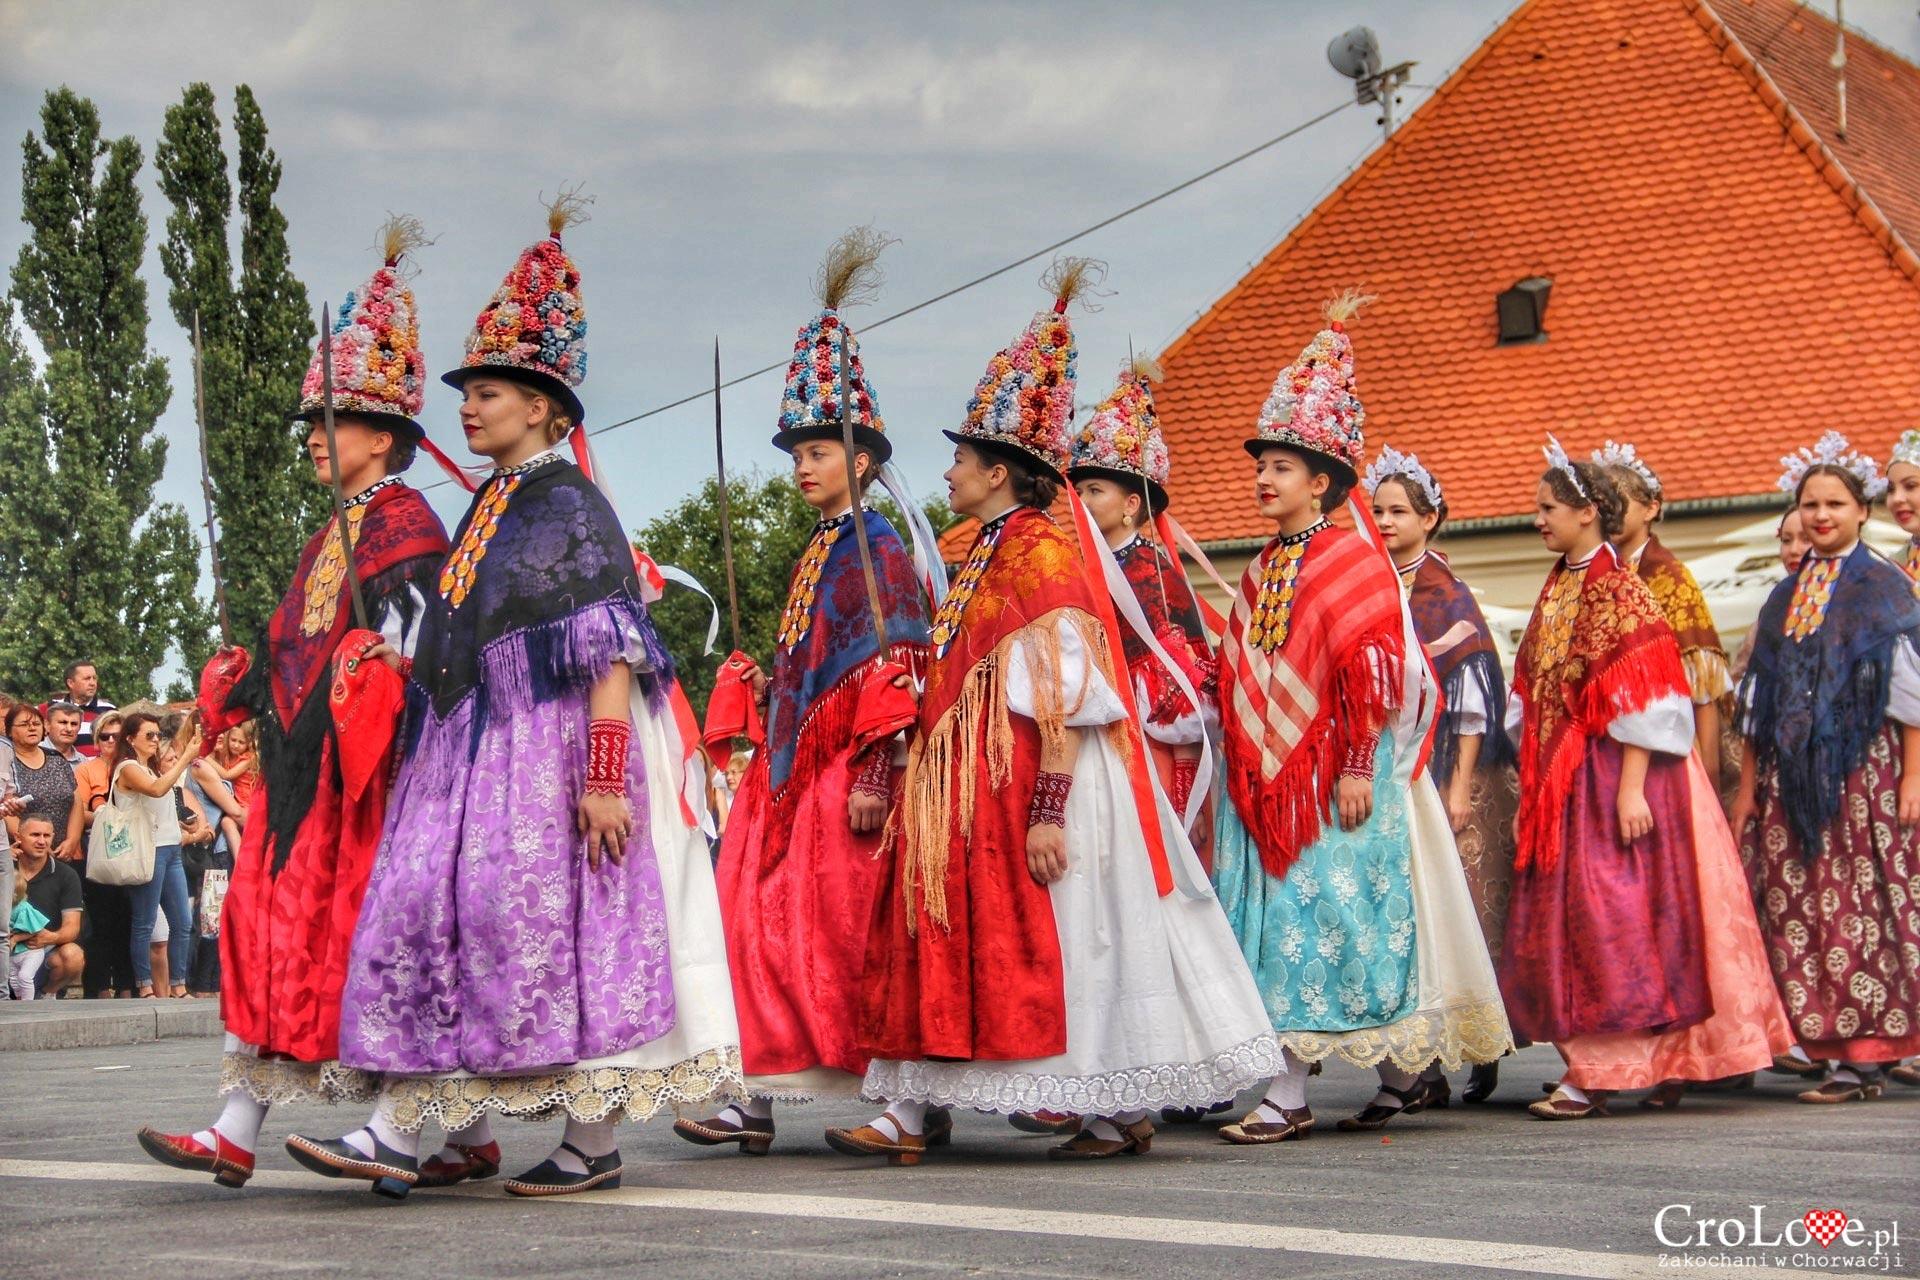 Międzynarodowy Festiwal Folkloru w Đakovo